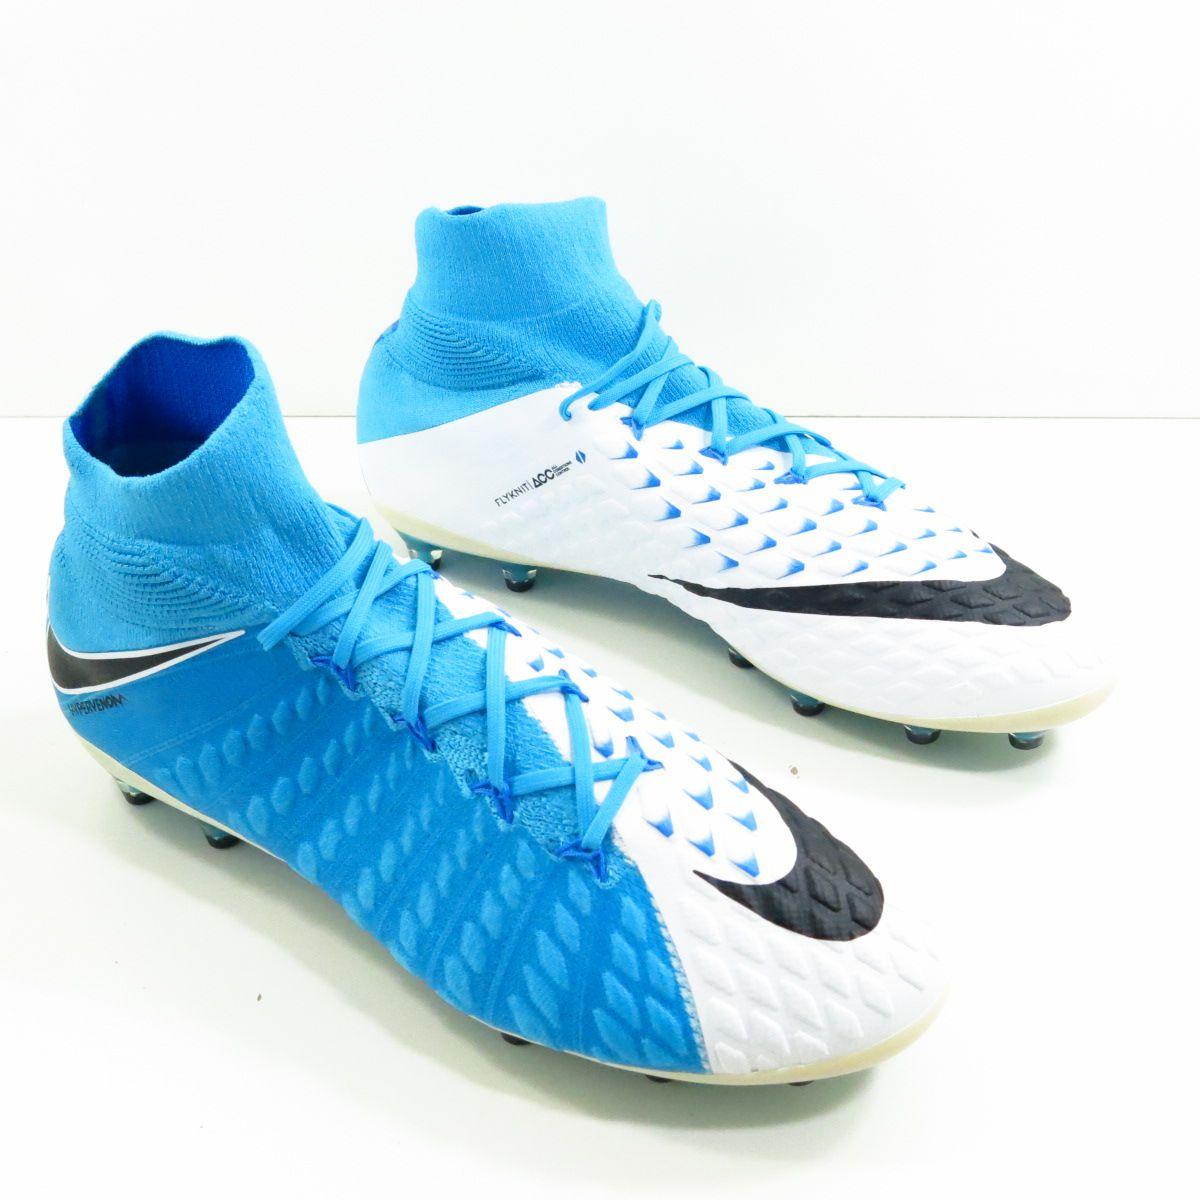 Chuteira Nike Hypervenom Phantom Elite AG